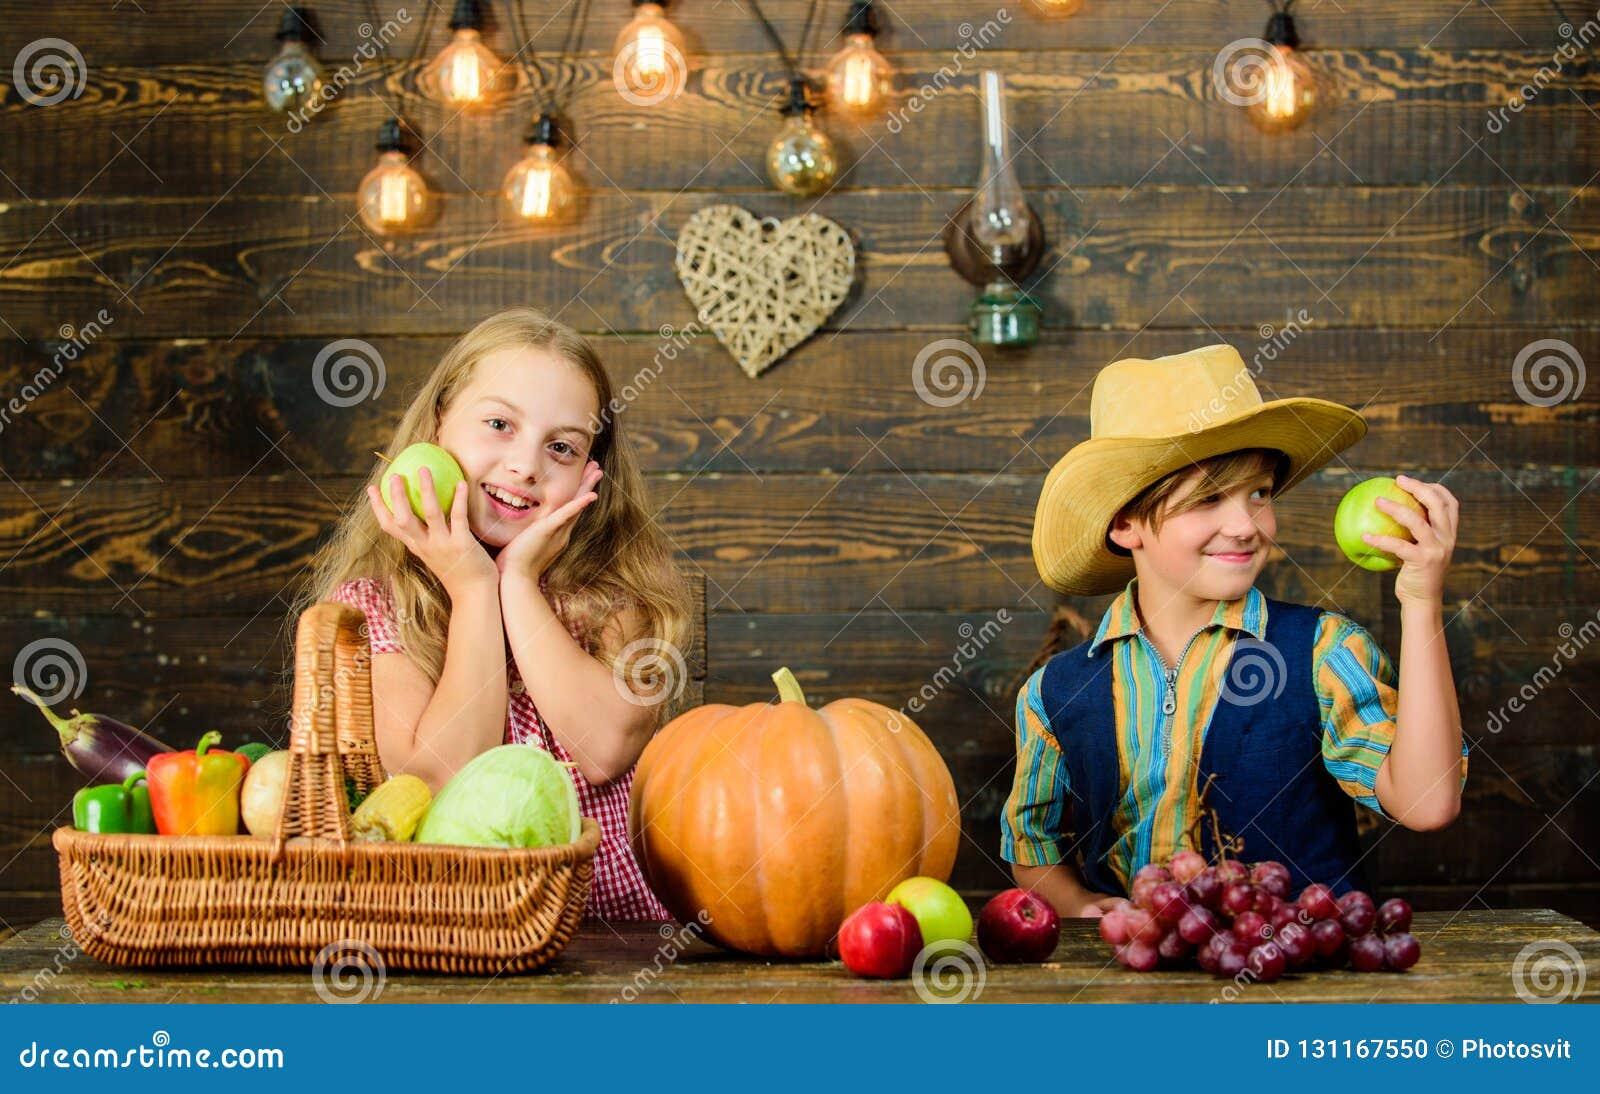 Γιορτάστε το φεστιβάλ συγκομιδών Παιδιά που παρουσιάζουν το φυτικό ξύλινο υπόβαθρο συγκομιδών Φρέσκα λαχανικά αγοριών κοριτσιών π